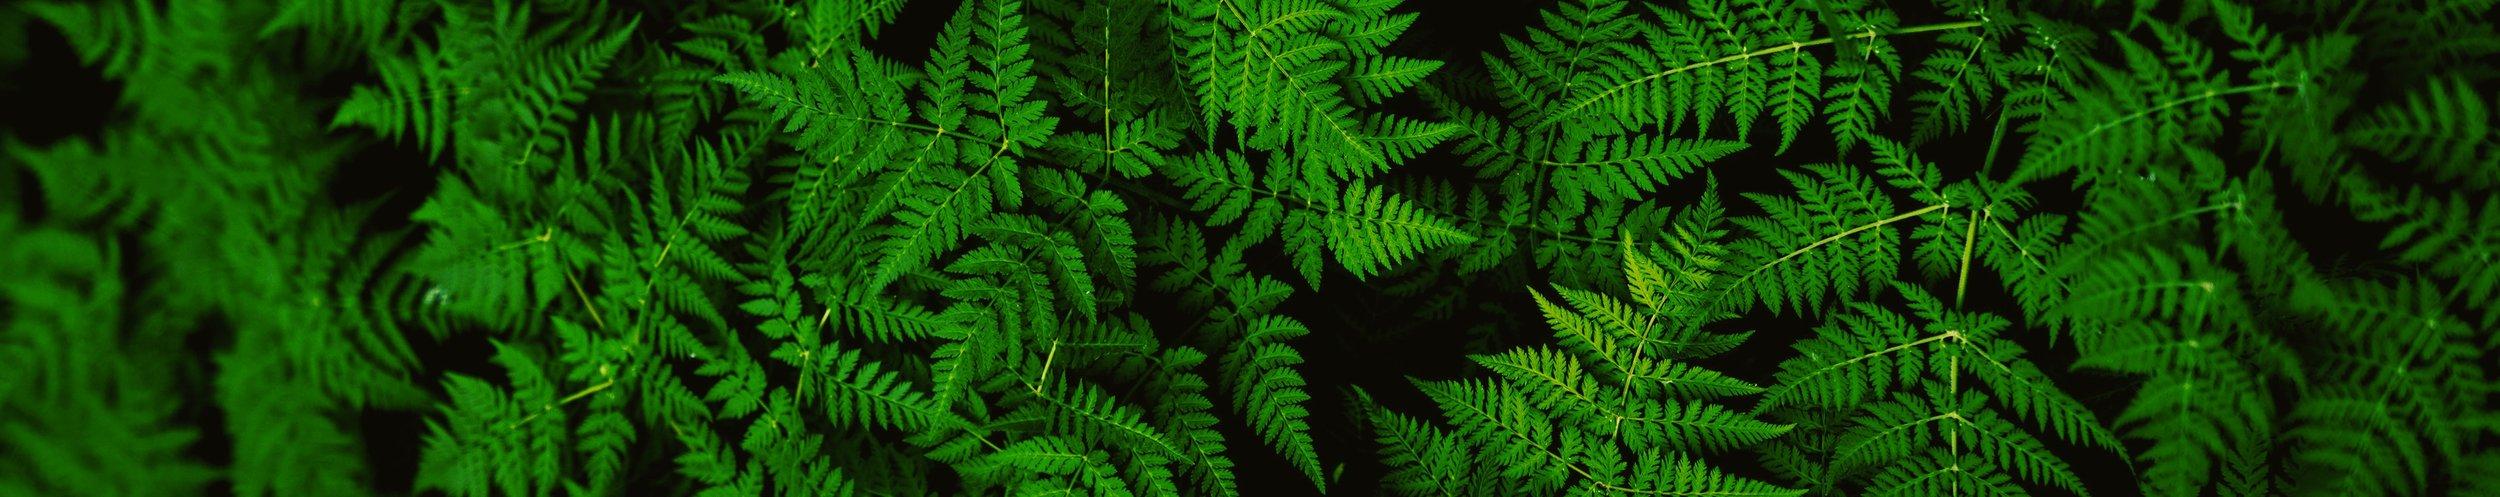 Fern forest -